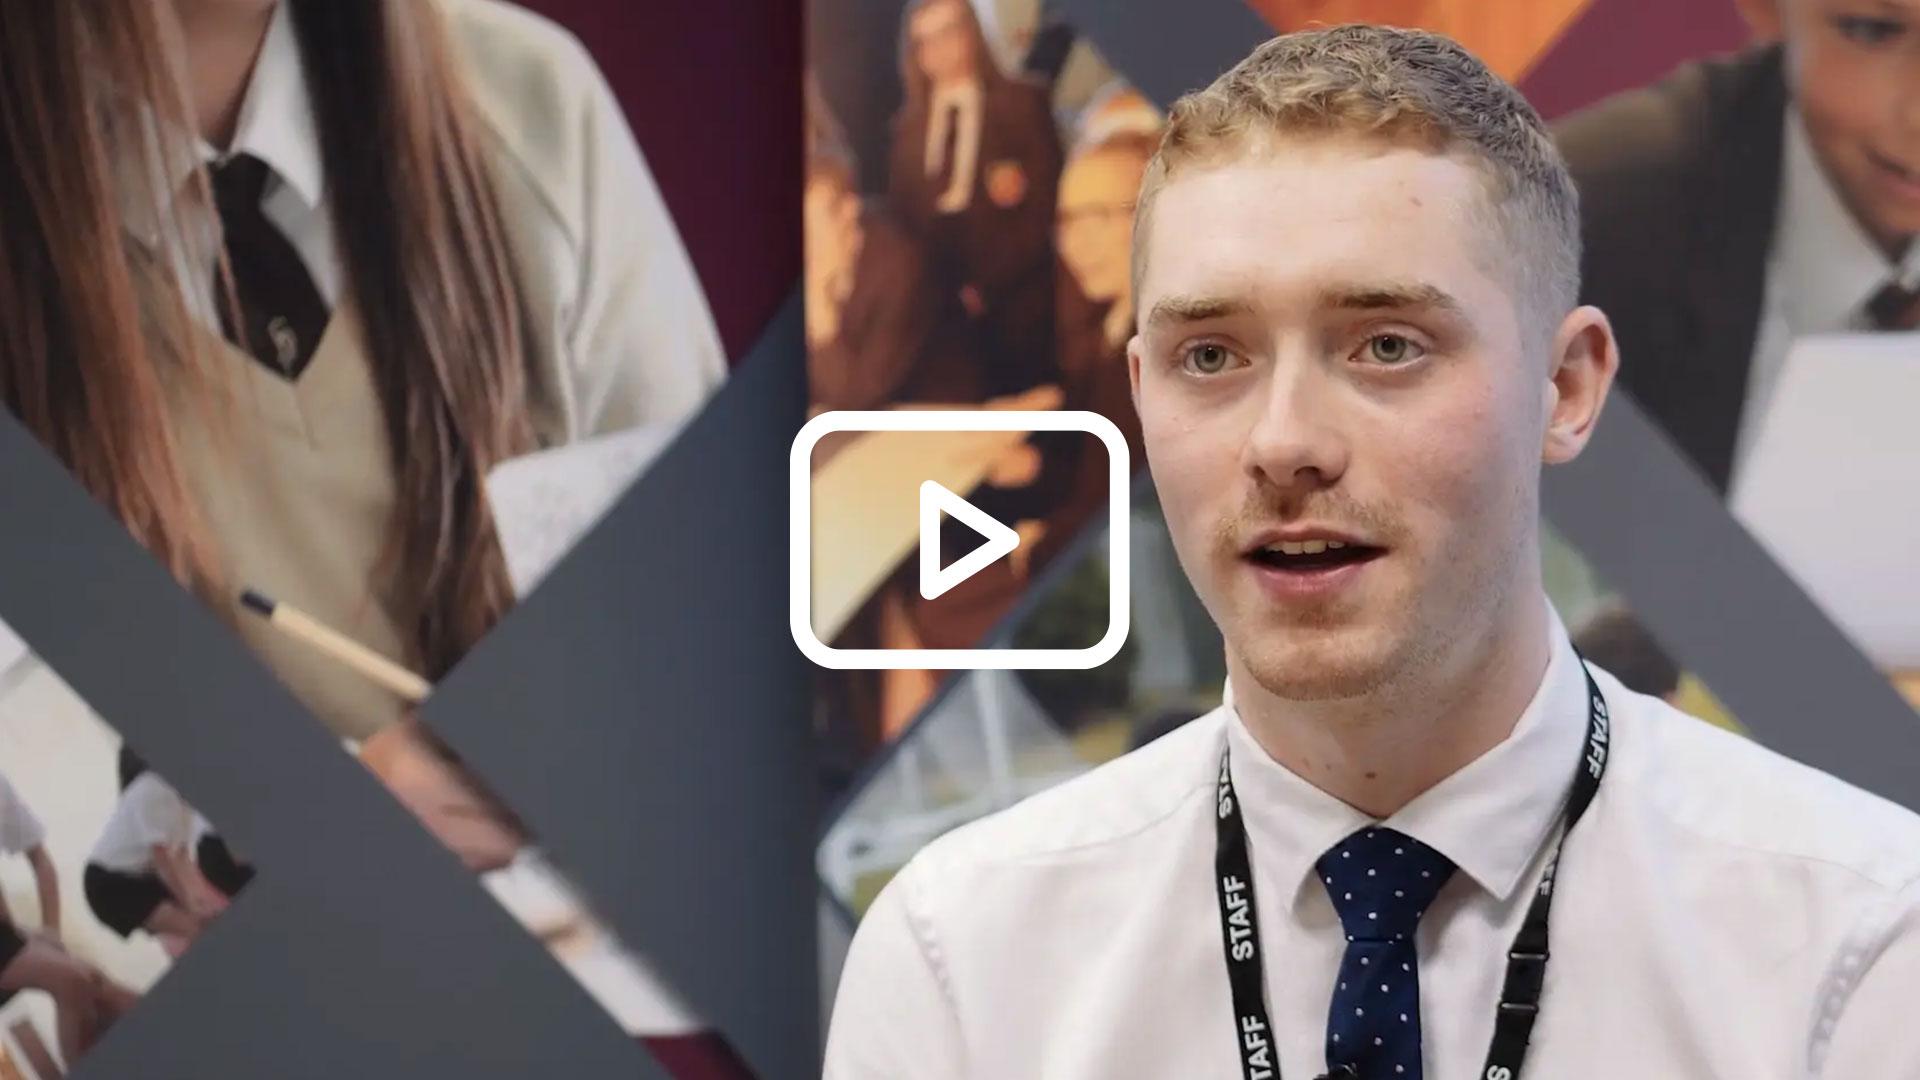 Video: Jake's Story